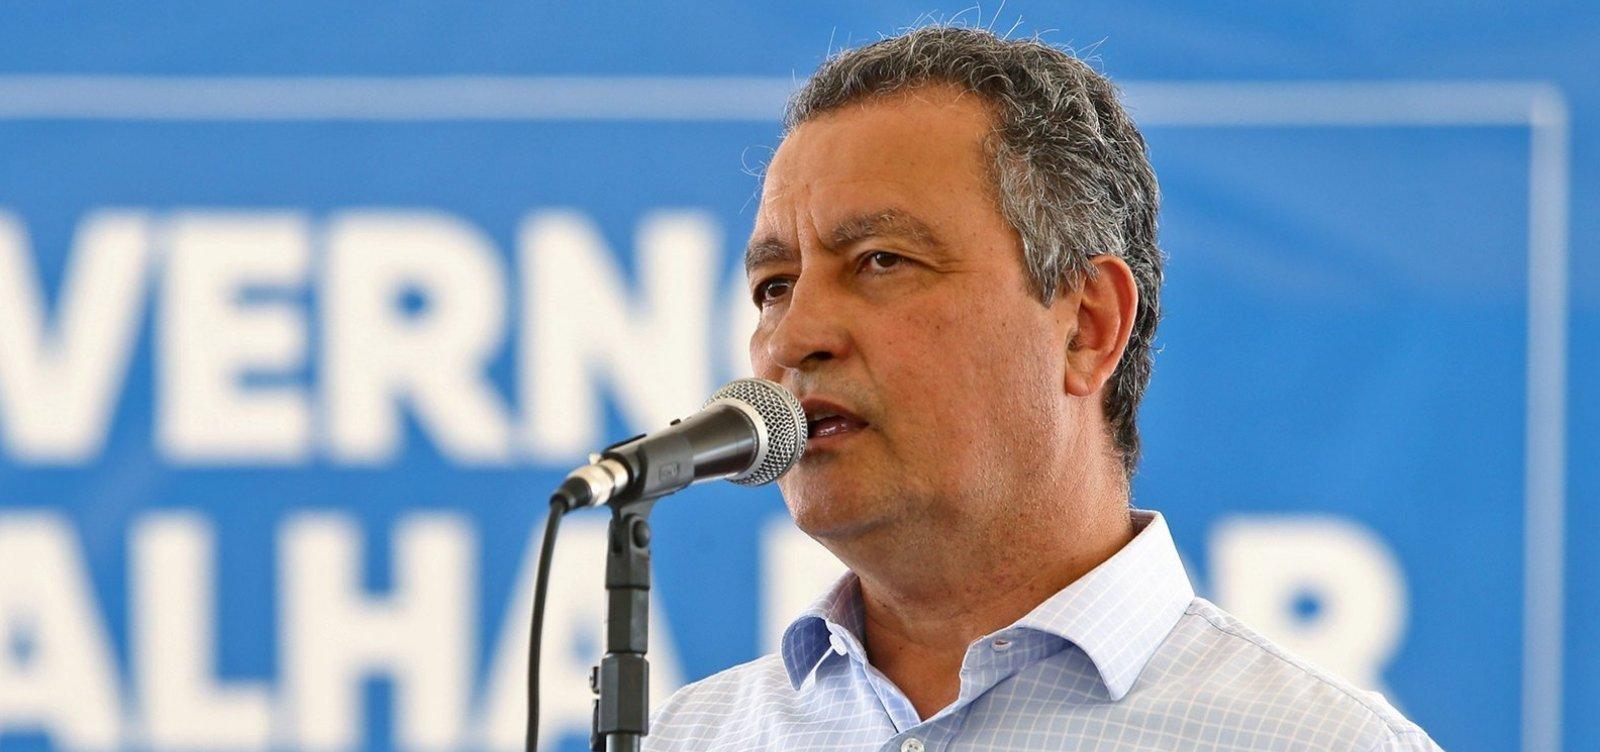 Governador da Bahia comemora aprovação de uso definitivo de vacina da Pfizer